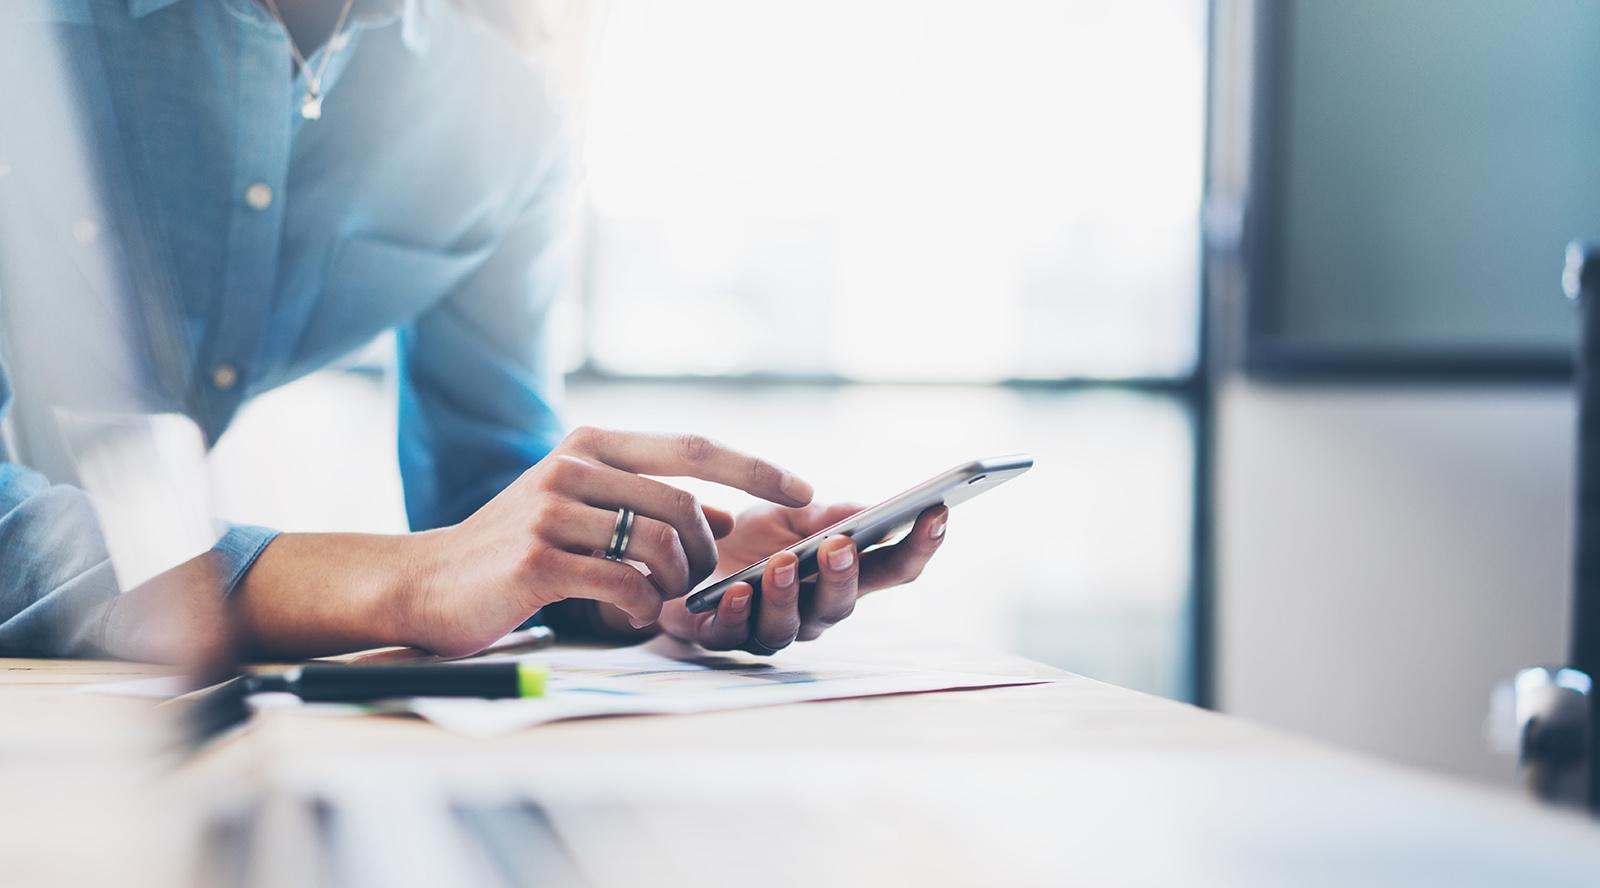 Frau mit blauer Bluse lehnt am Schreibtisch mit Smartphone Jolioo Tool